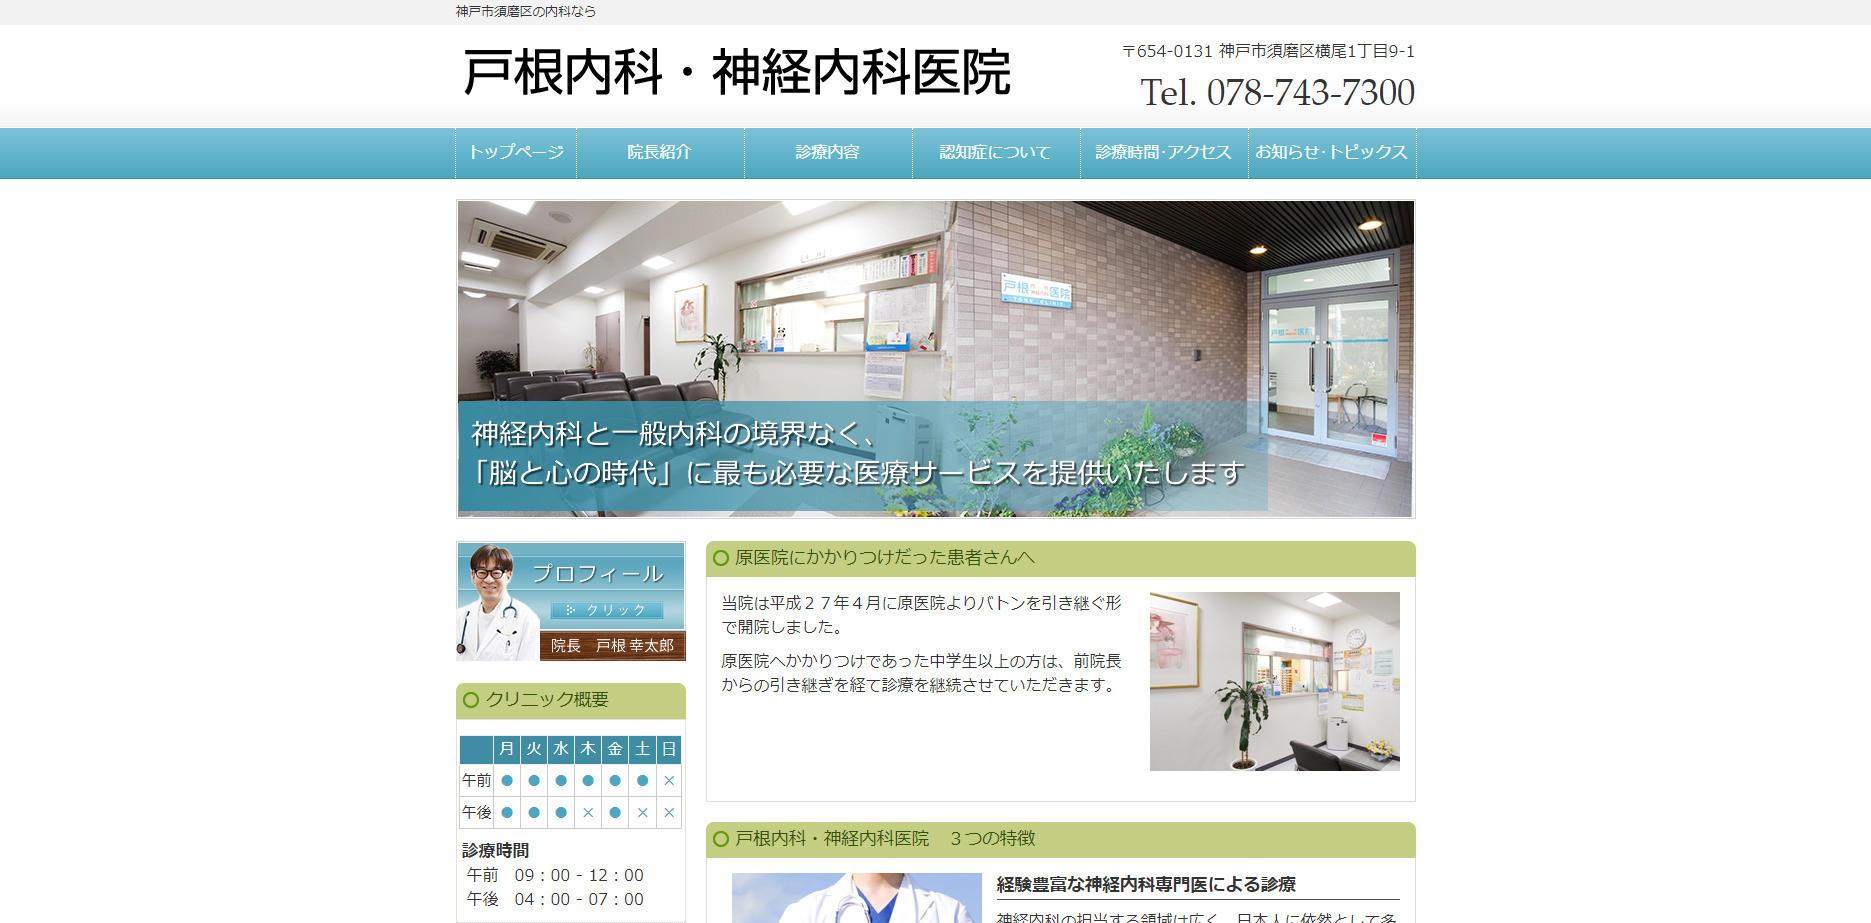 戸根内科・神経内科医院(神戸市須磨区)ホームページ